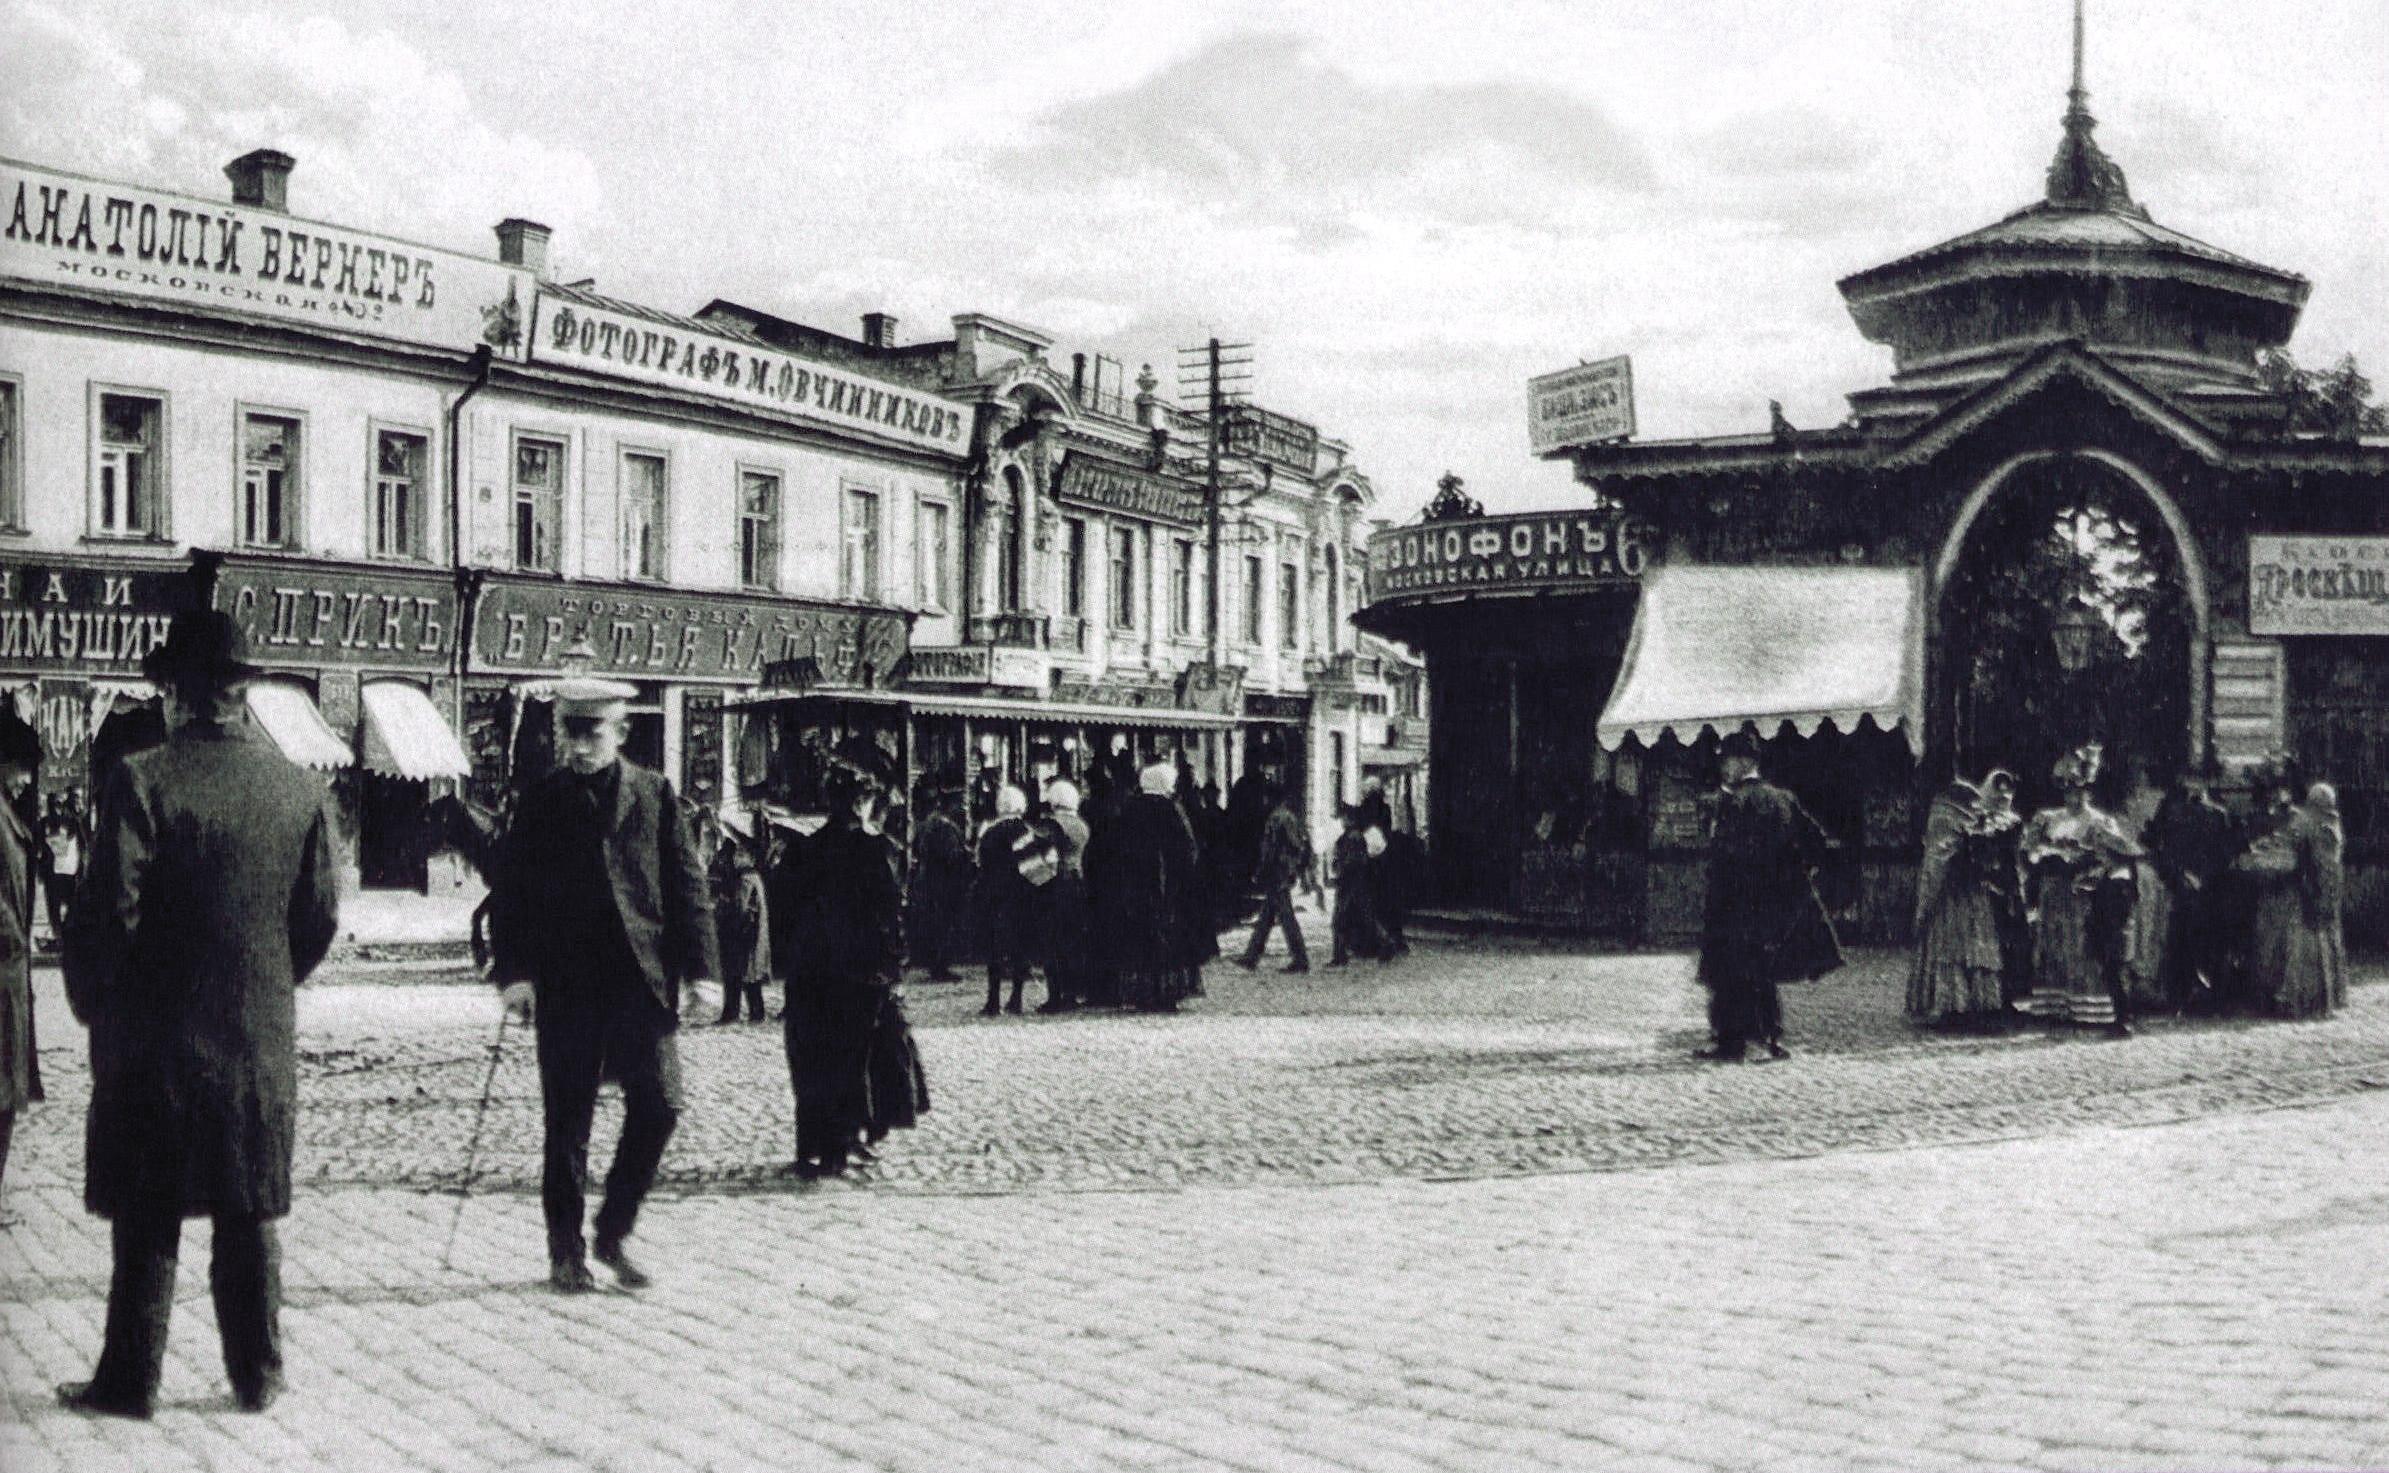 Вид на юго-восточную часть Николаевской площади от пересечения с Московской улицей (фрагмент)